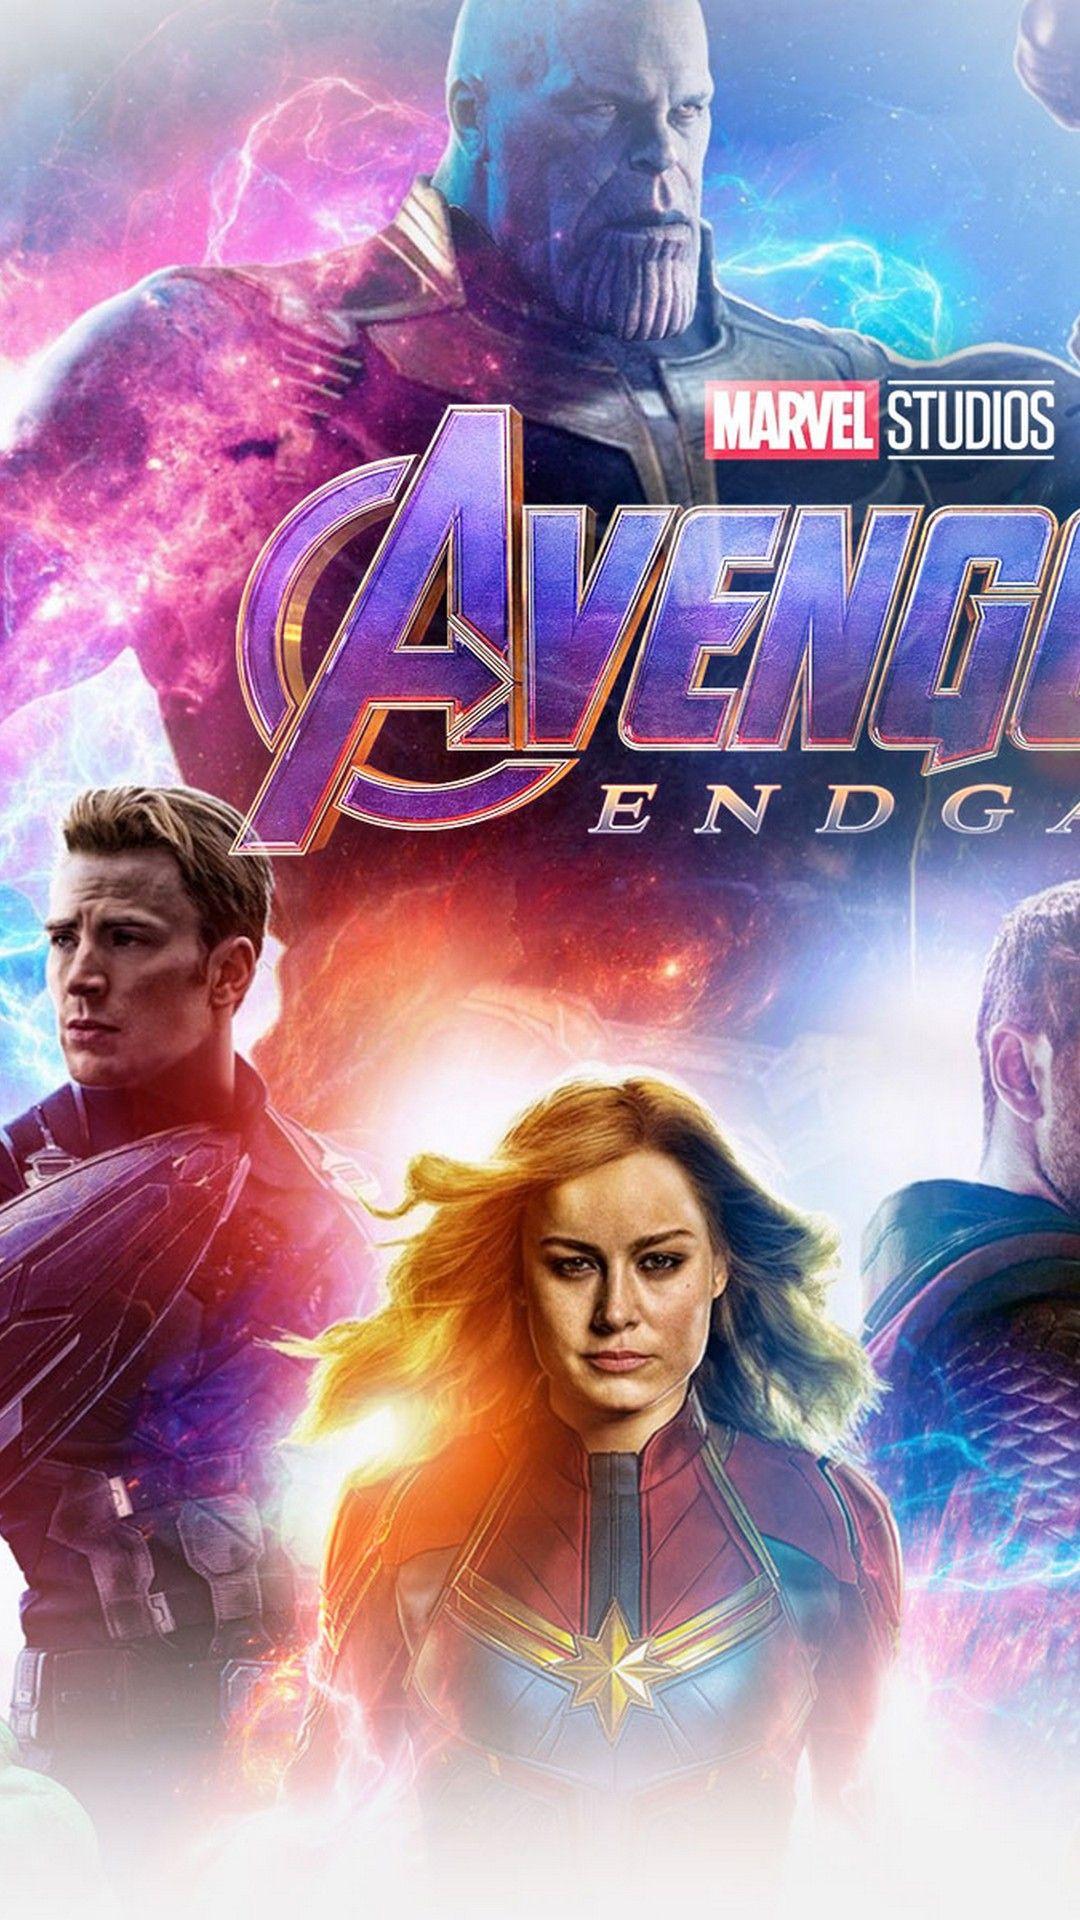 Avengers Endgame Phone Wallpaper Best Phone Wallpaper